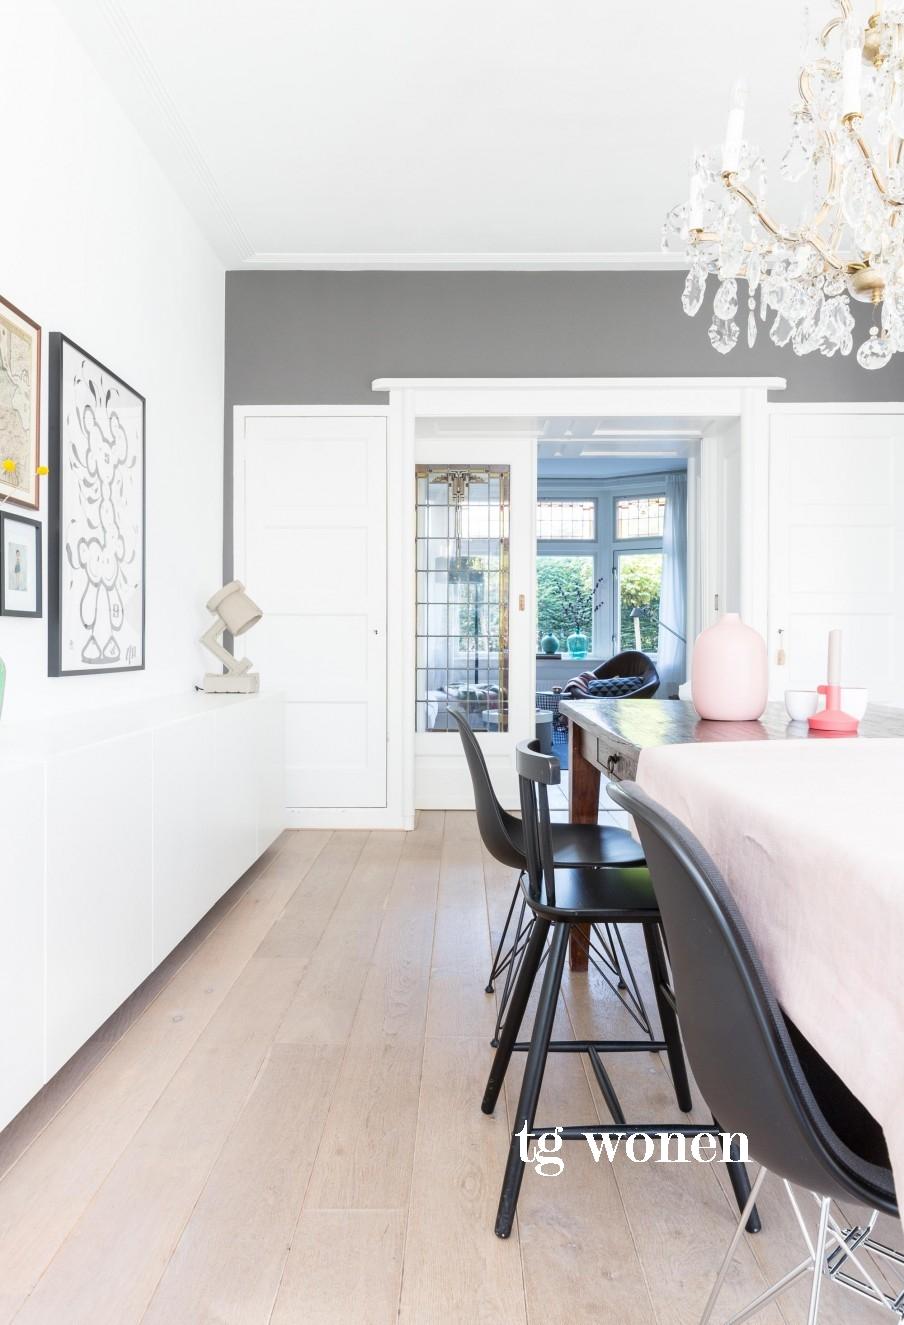 Kleur plinten kiezen woonkamer   tg wonen woonmagazine